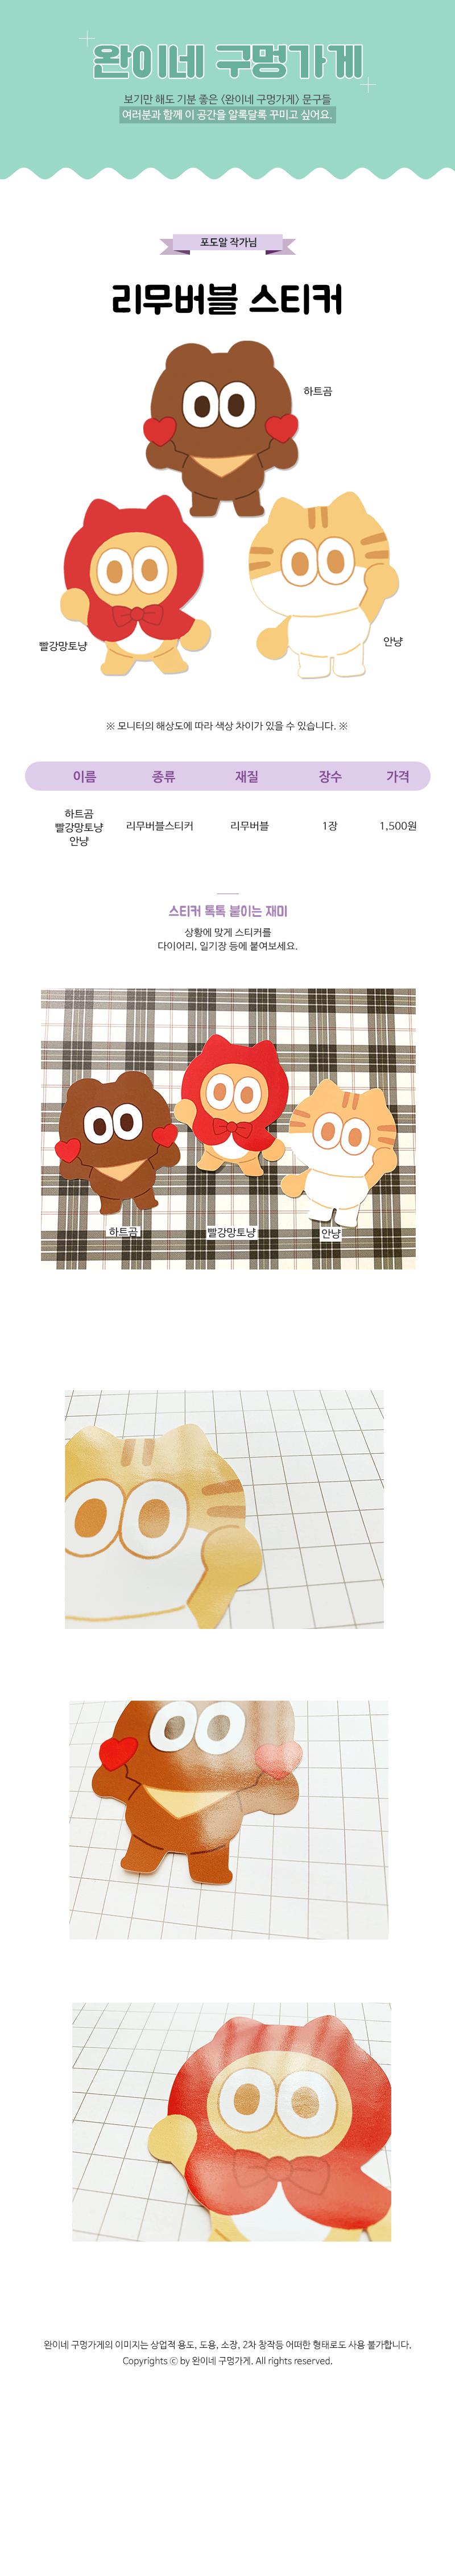 sticker687